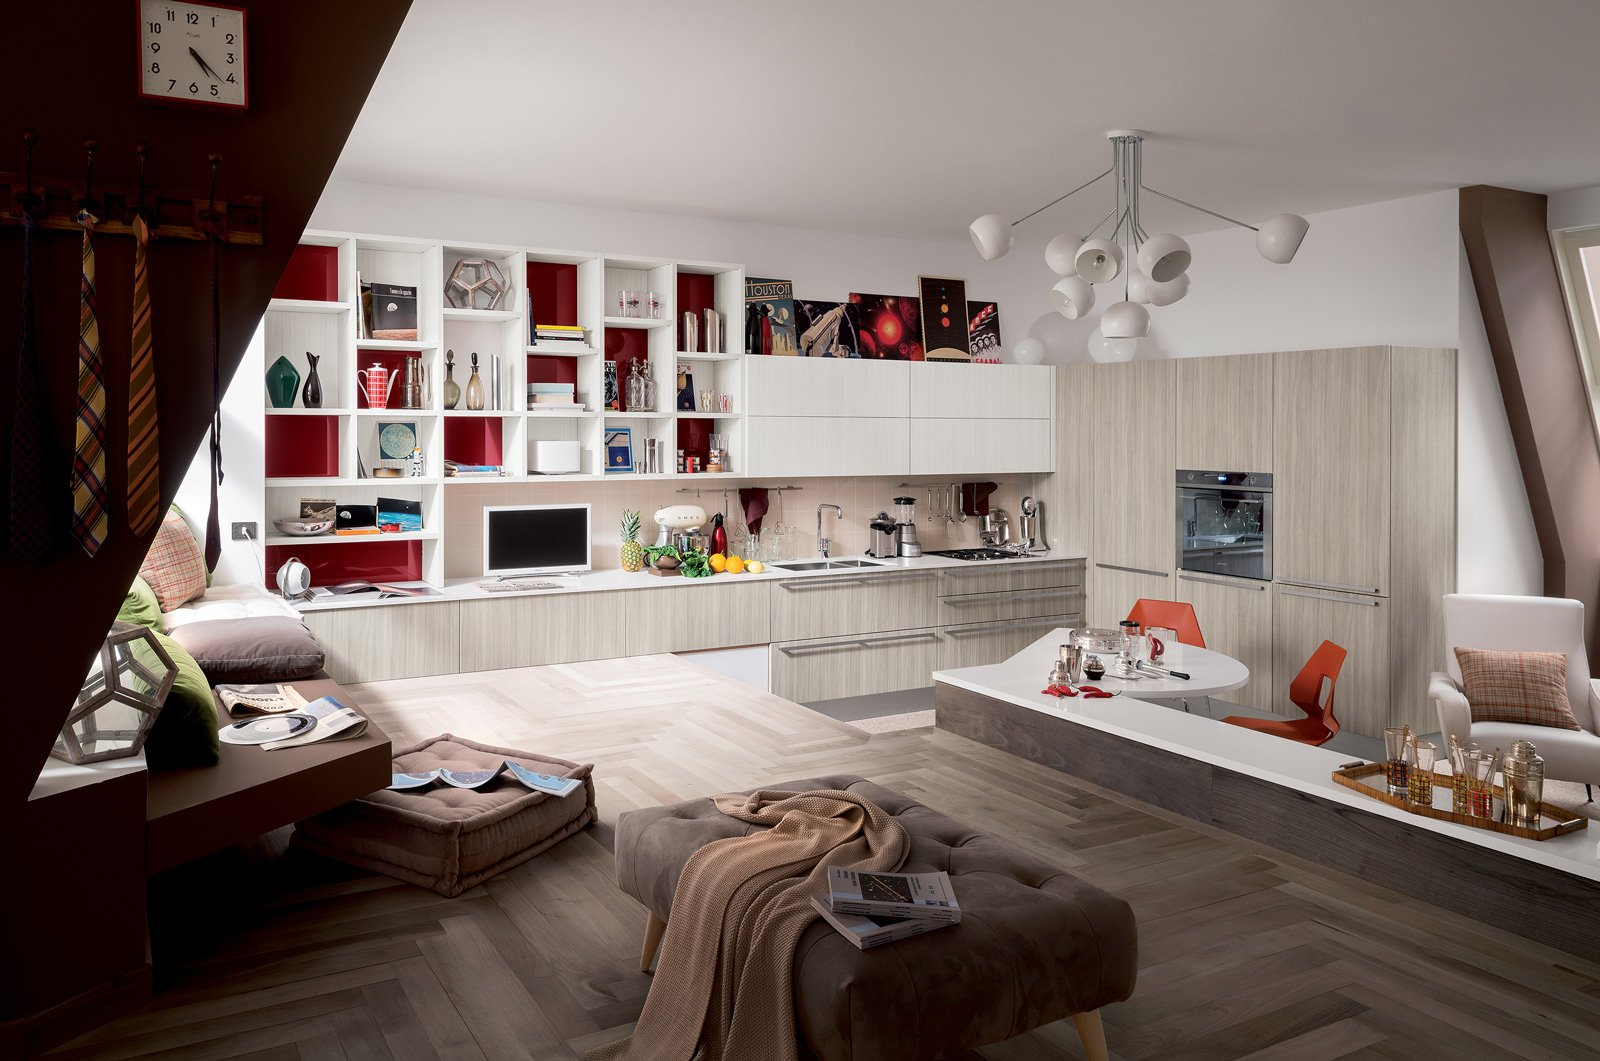 Cucine living con vani a giorno cose di casa - Cucine e living ...